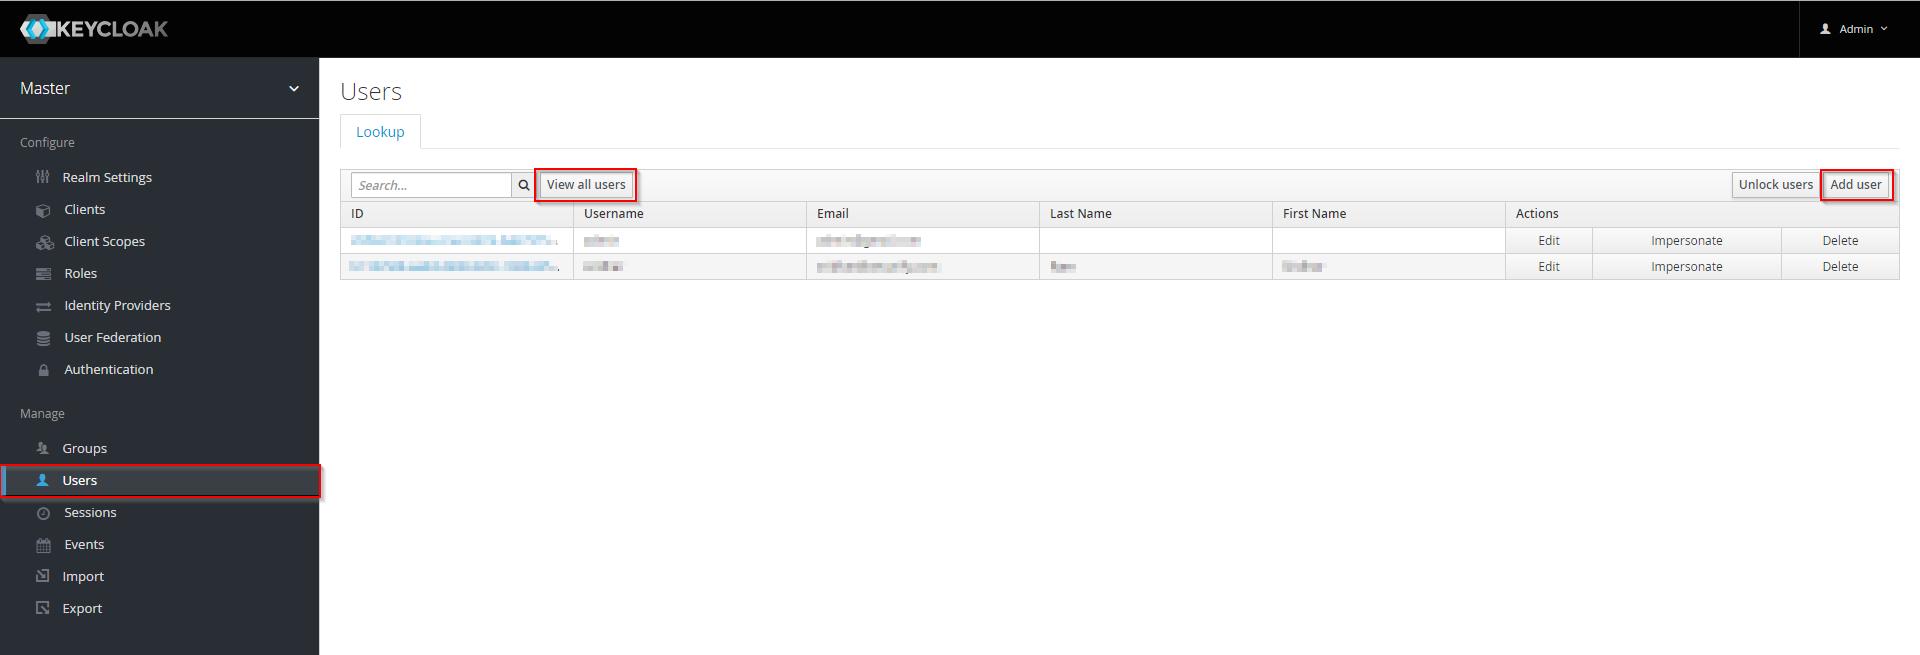 Joomla Jboss Keycloak user tab